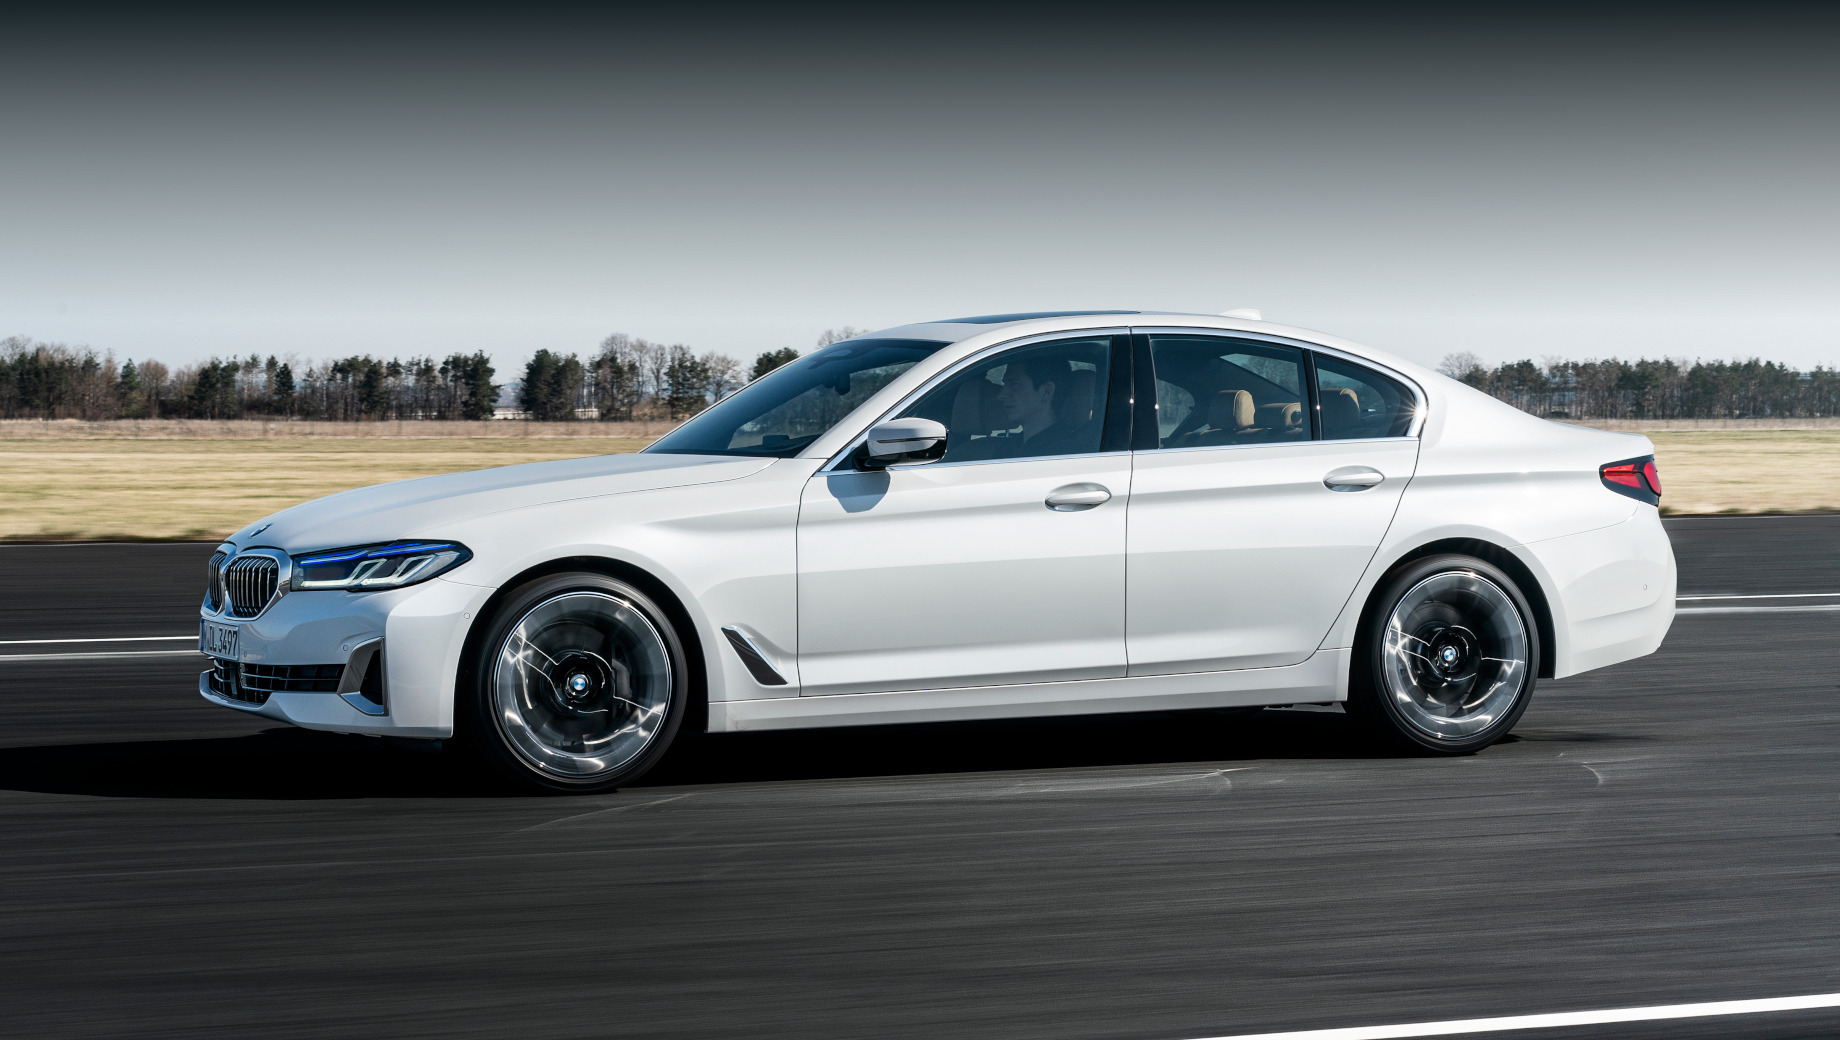 Bmw 5,Bmw 6 gt. Всем «пятёркам» по умолчанию положены полностью светодиодные фары, шины RunFlat, двухзонный климат-контроль, обогрев руля и передних сидений, навигация и сервисы BMW ConnectedDrive.